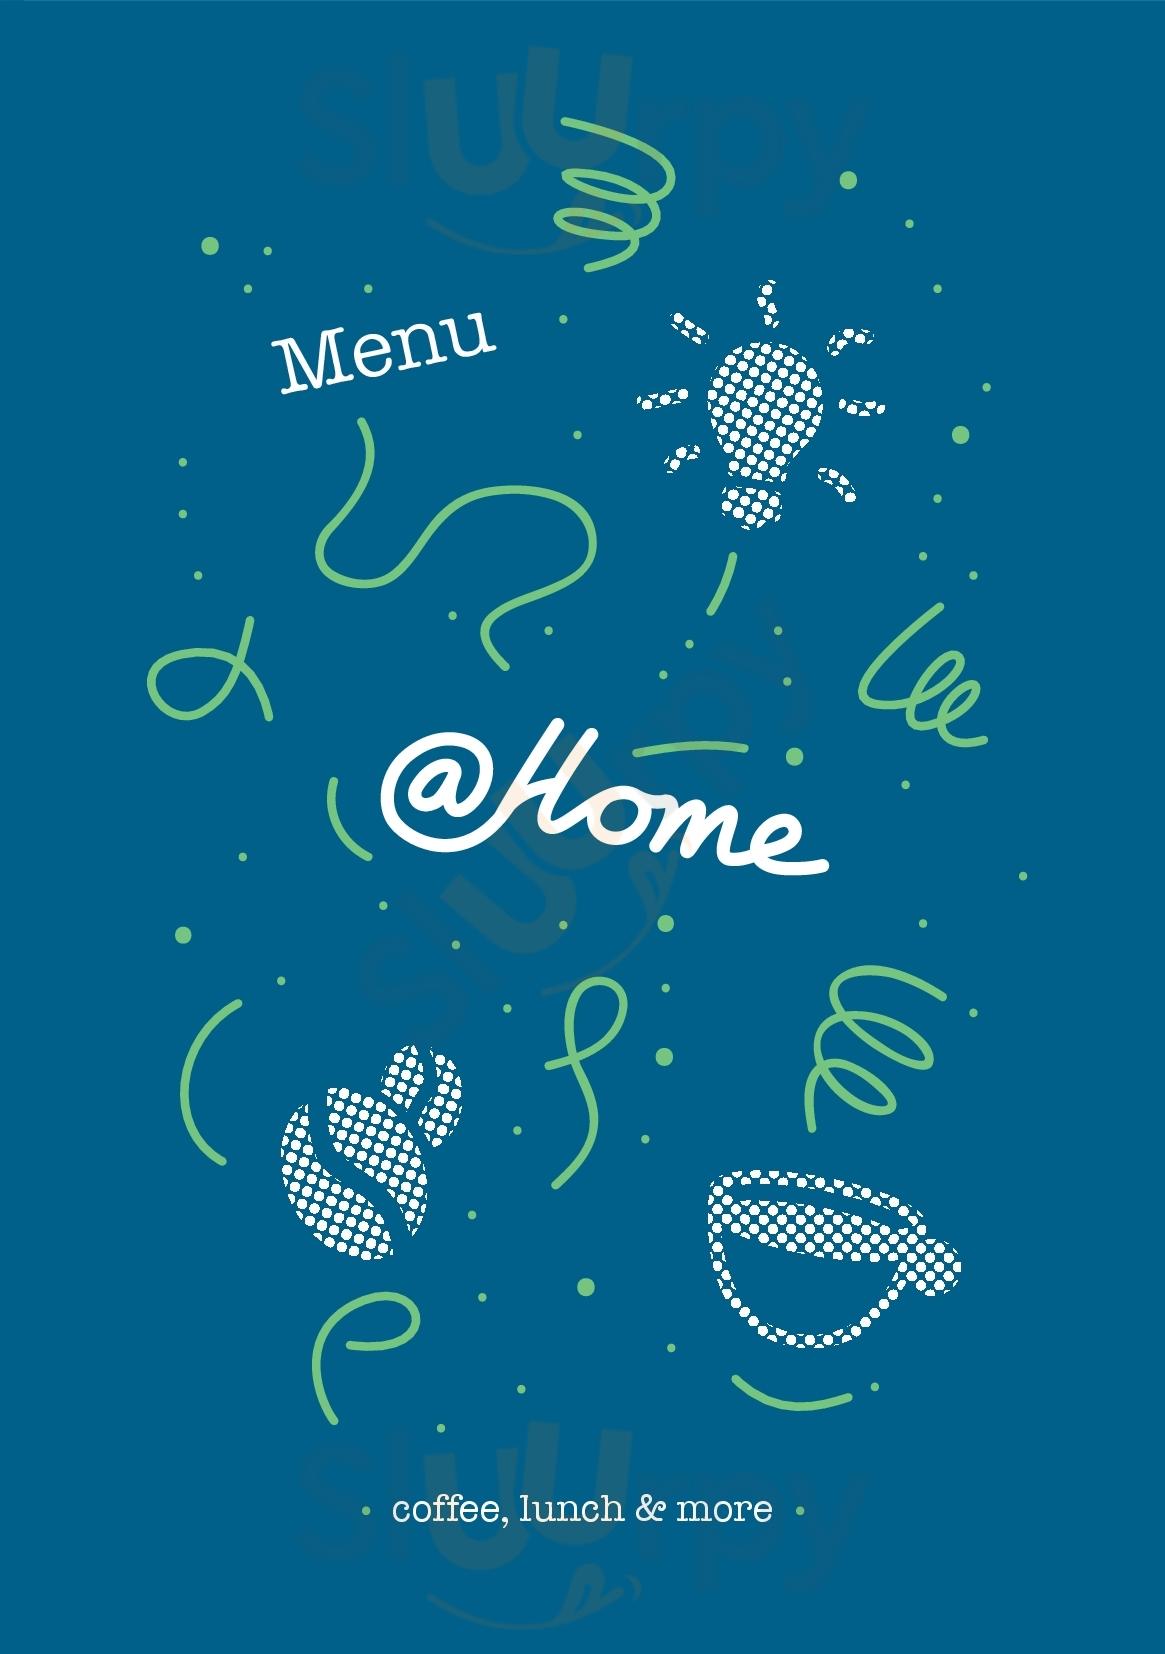 Cafe At Home Rotterdam Menu - 1